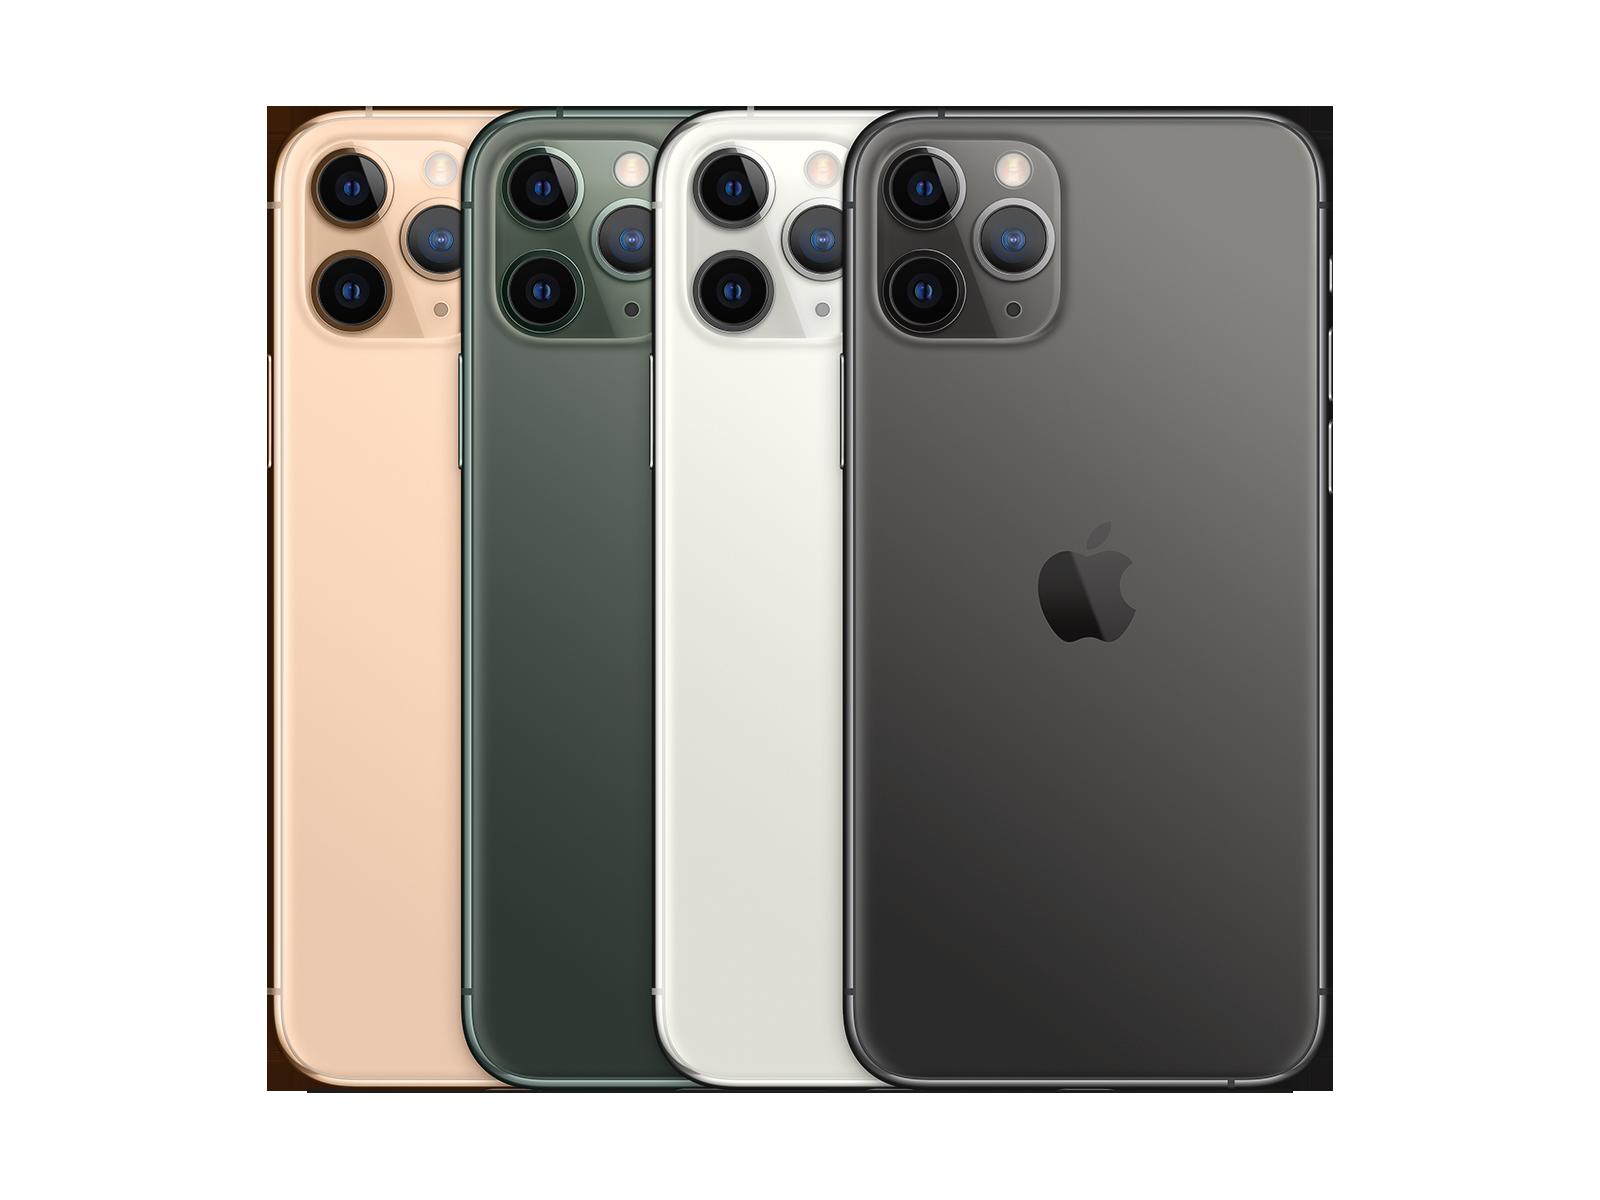 Ny iPhone 11 Pro Max Bestil her til en god pris